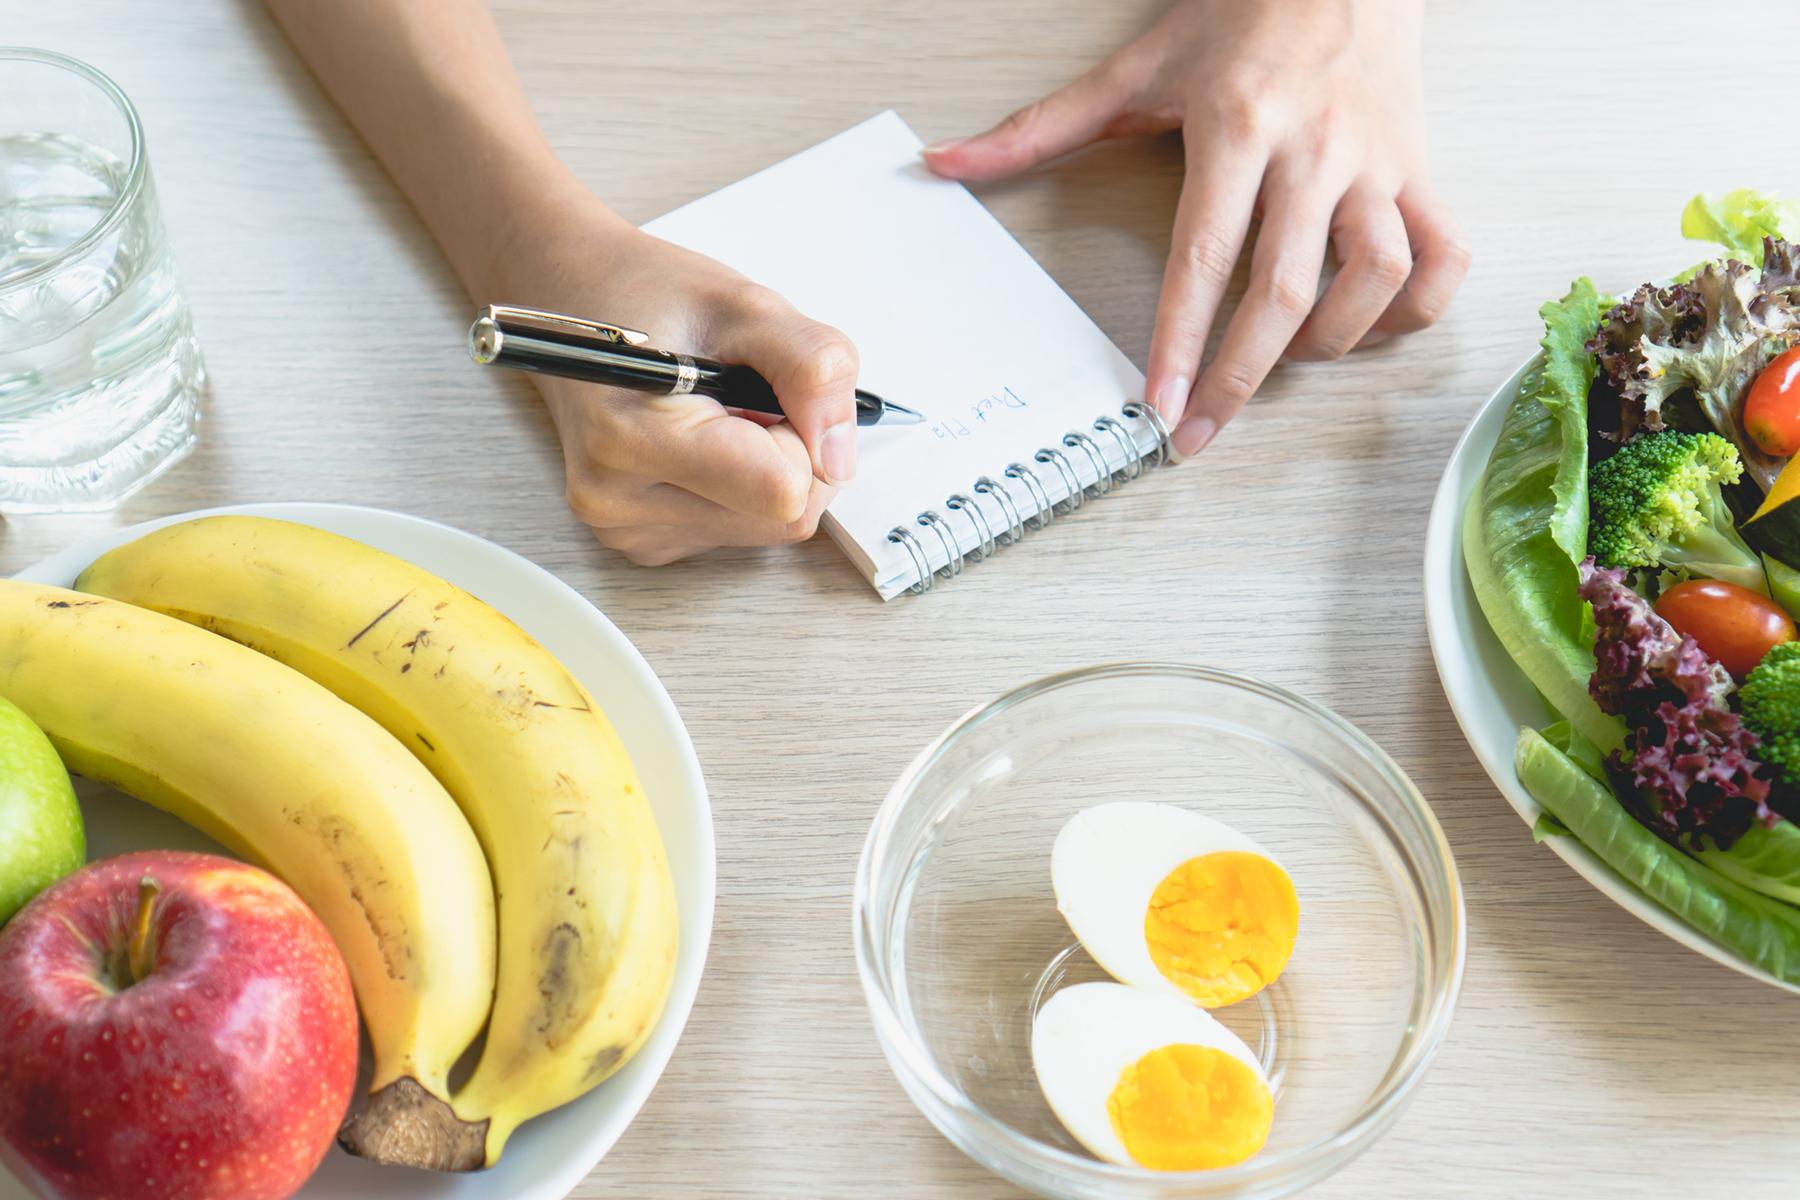 Подсчет калорий: есть ли в этом смысл?